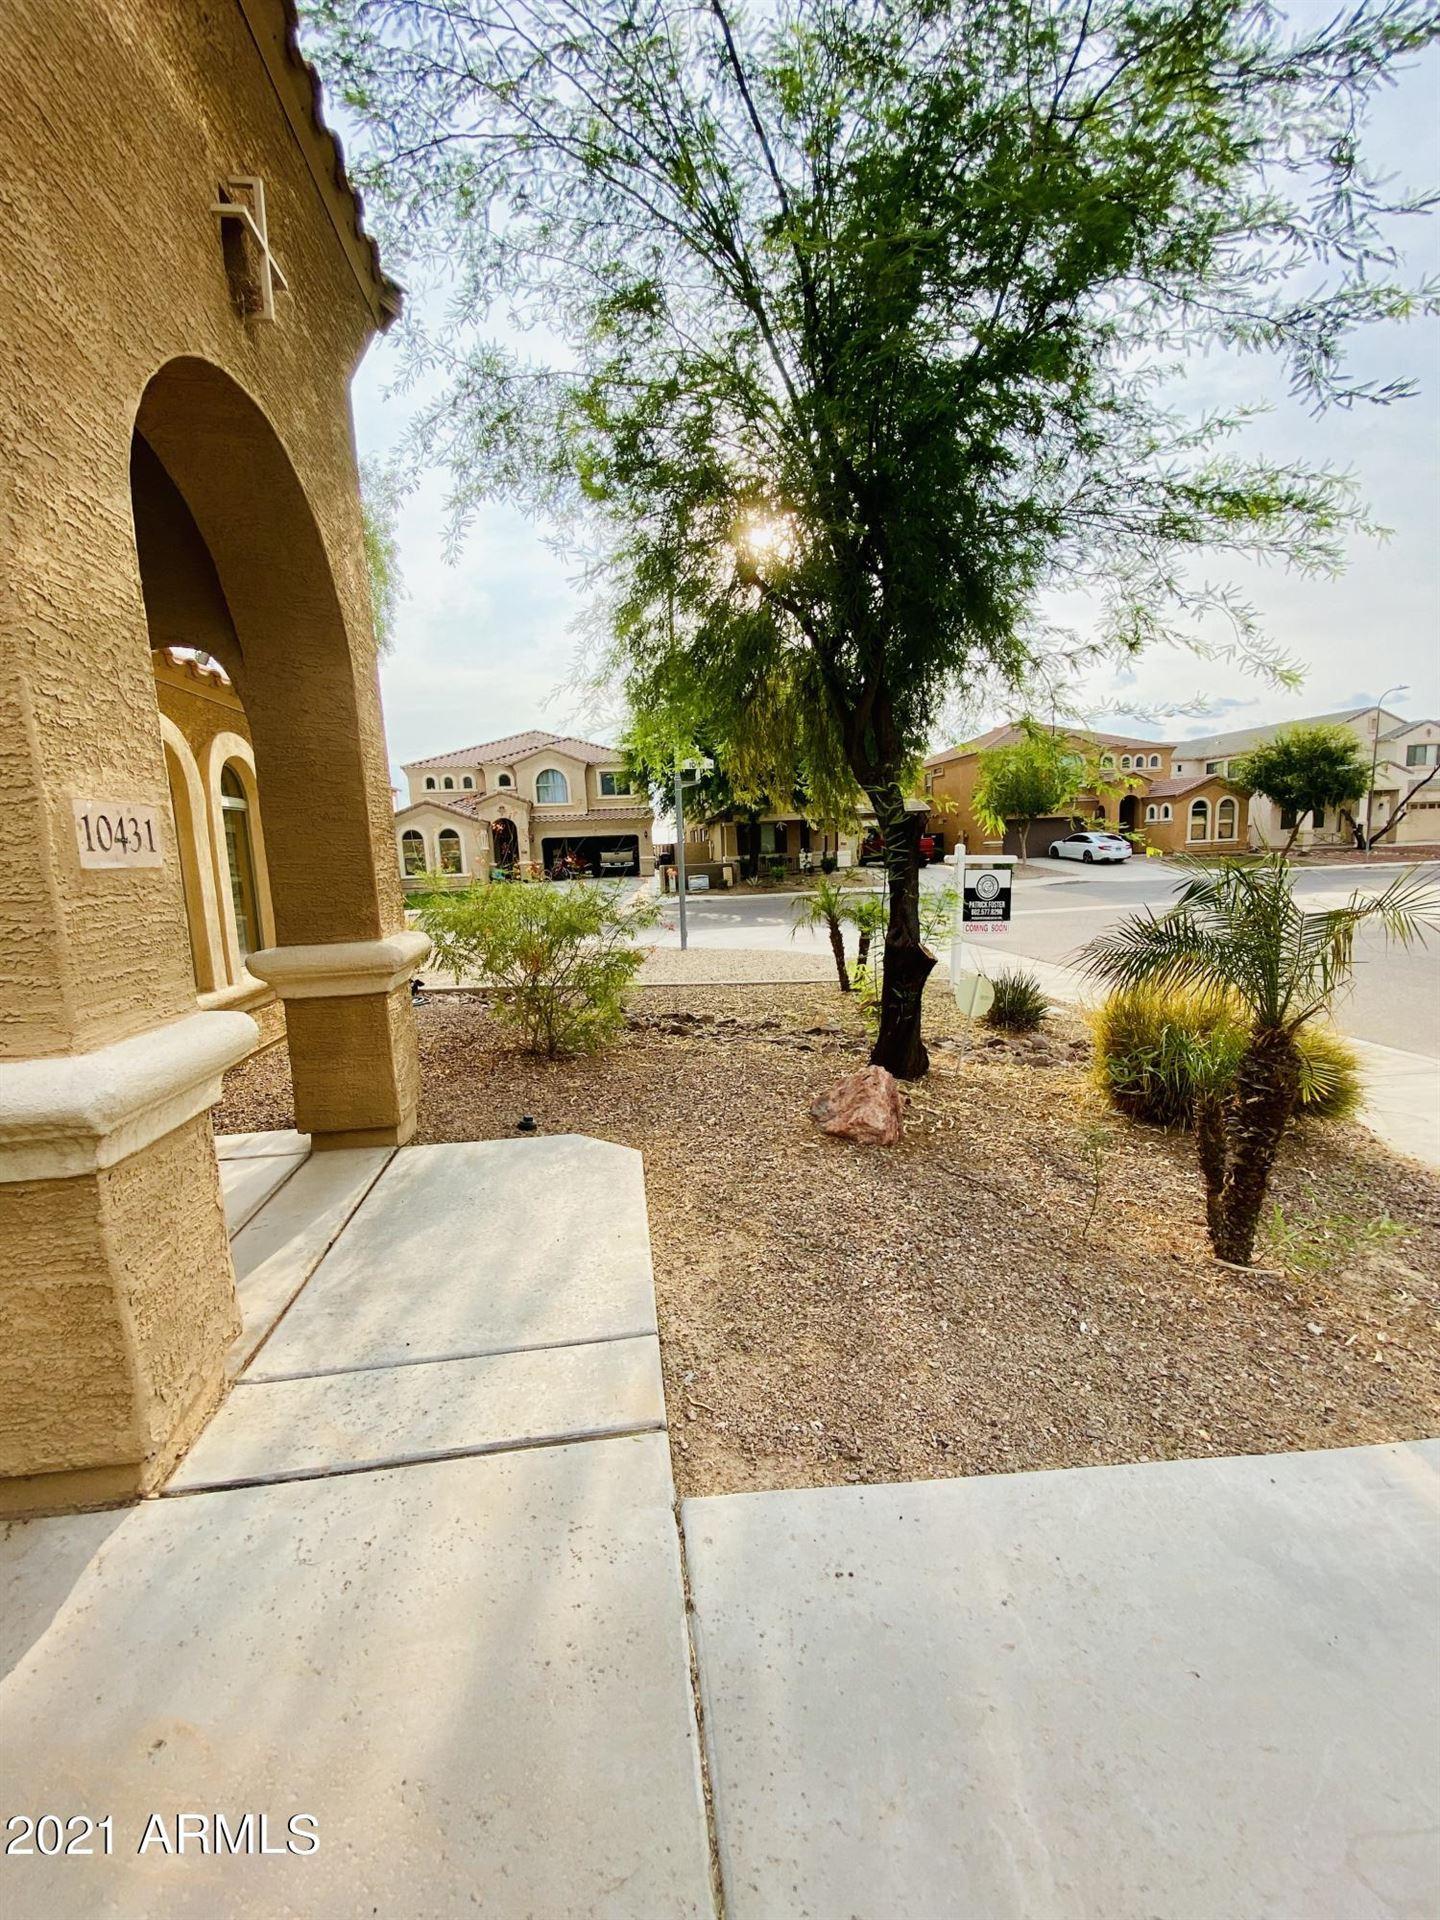 Photo of 10431 W TRUMBULL Road, Tolleson, AZ 85353 (MLS # 6269178)